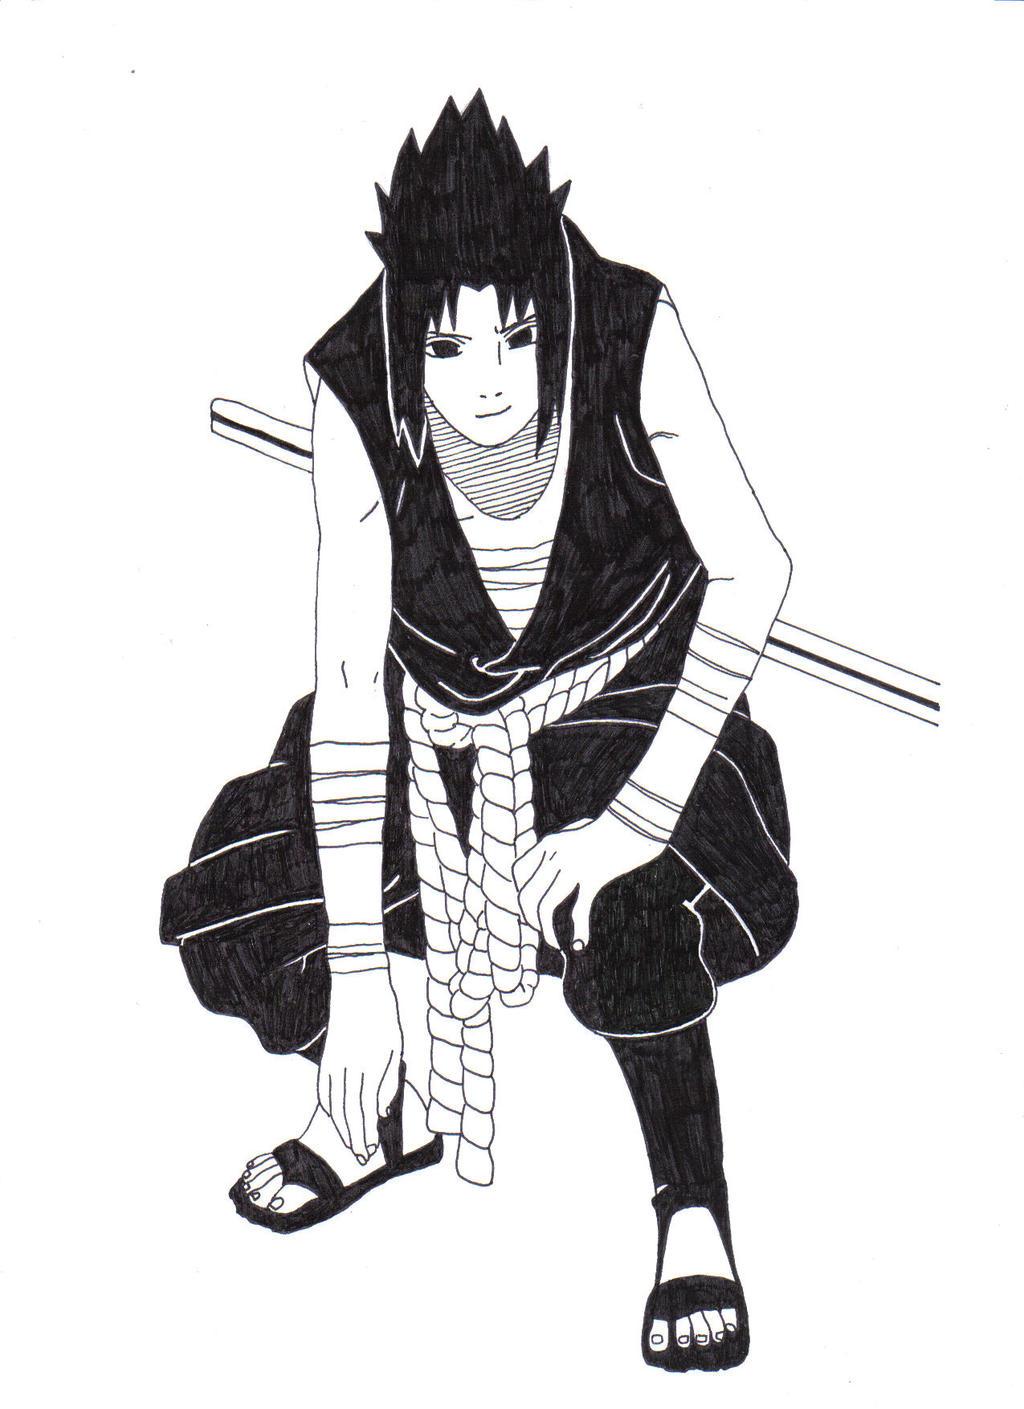 Sasuke Uchiha (vs. Itachi Uchiha) by 1Hutmacher1 on DeviantArt